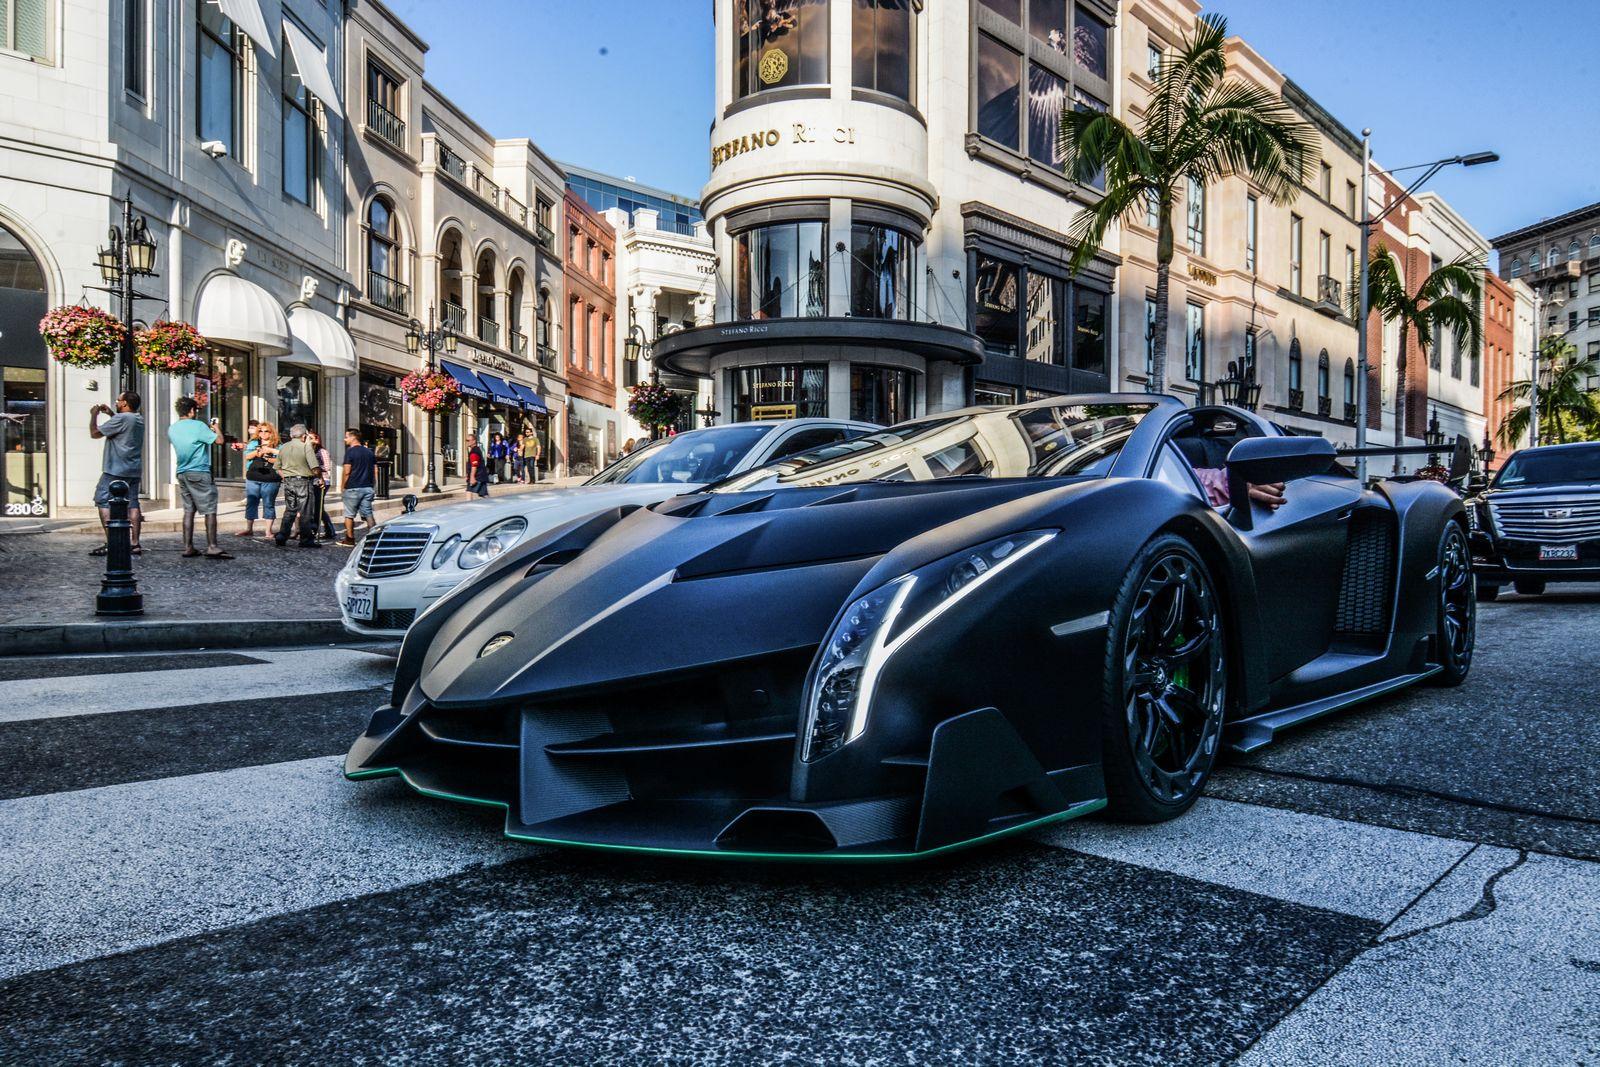 Lamborghini Veneno Blue Photo Of The Day Lamborghini Veneno Roadster In  Beverly Hills . Lamborghini Veneno ...